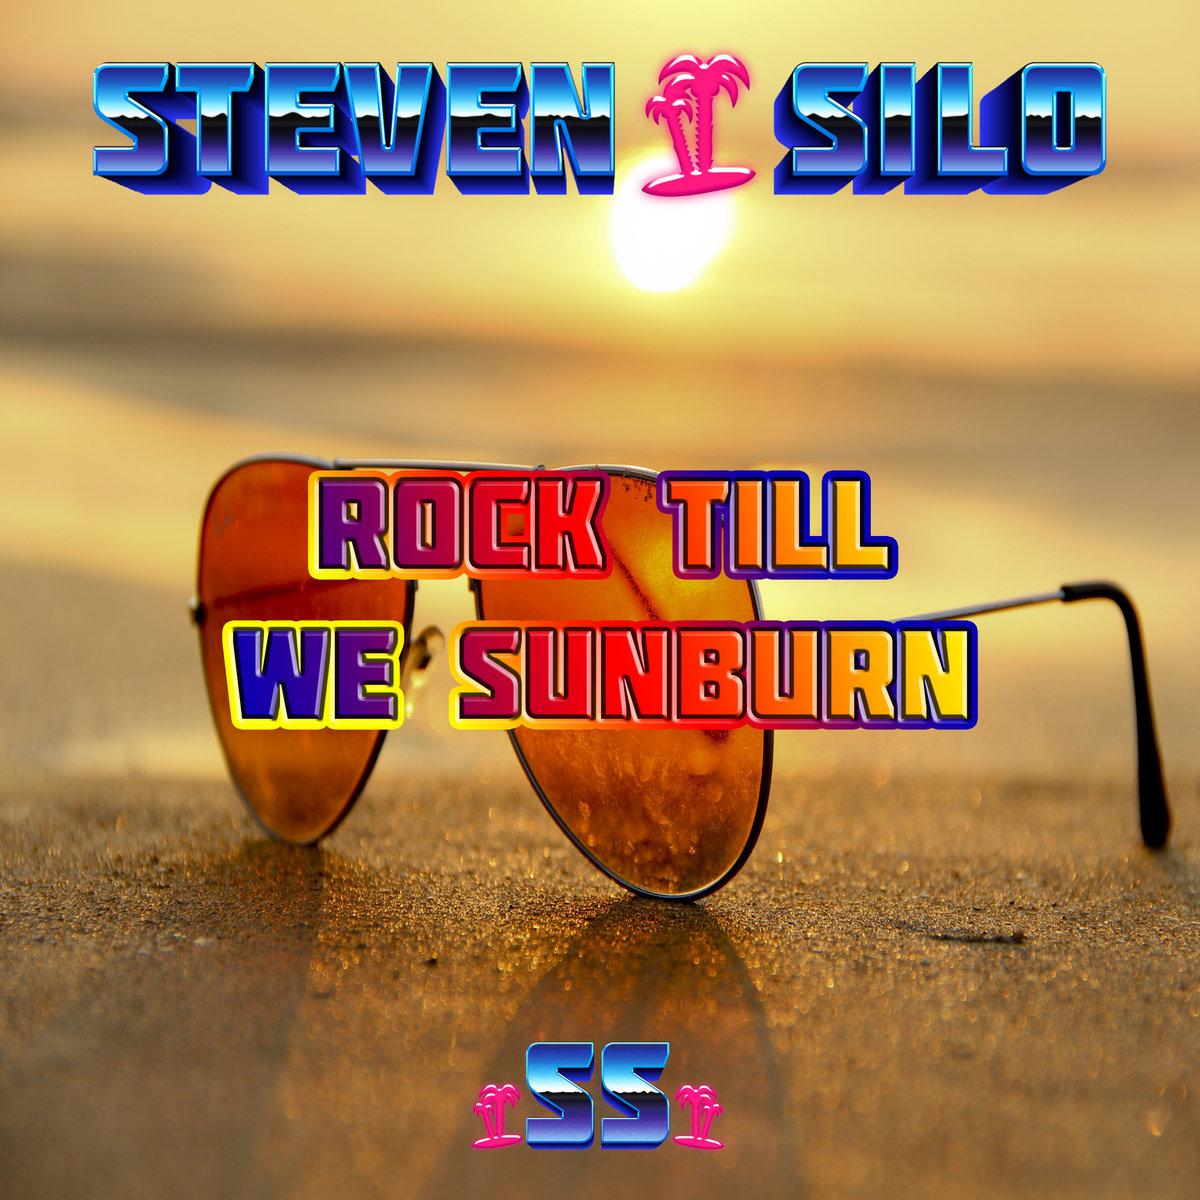 Rock Till We Sunburn by Steven Silo